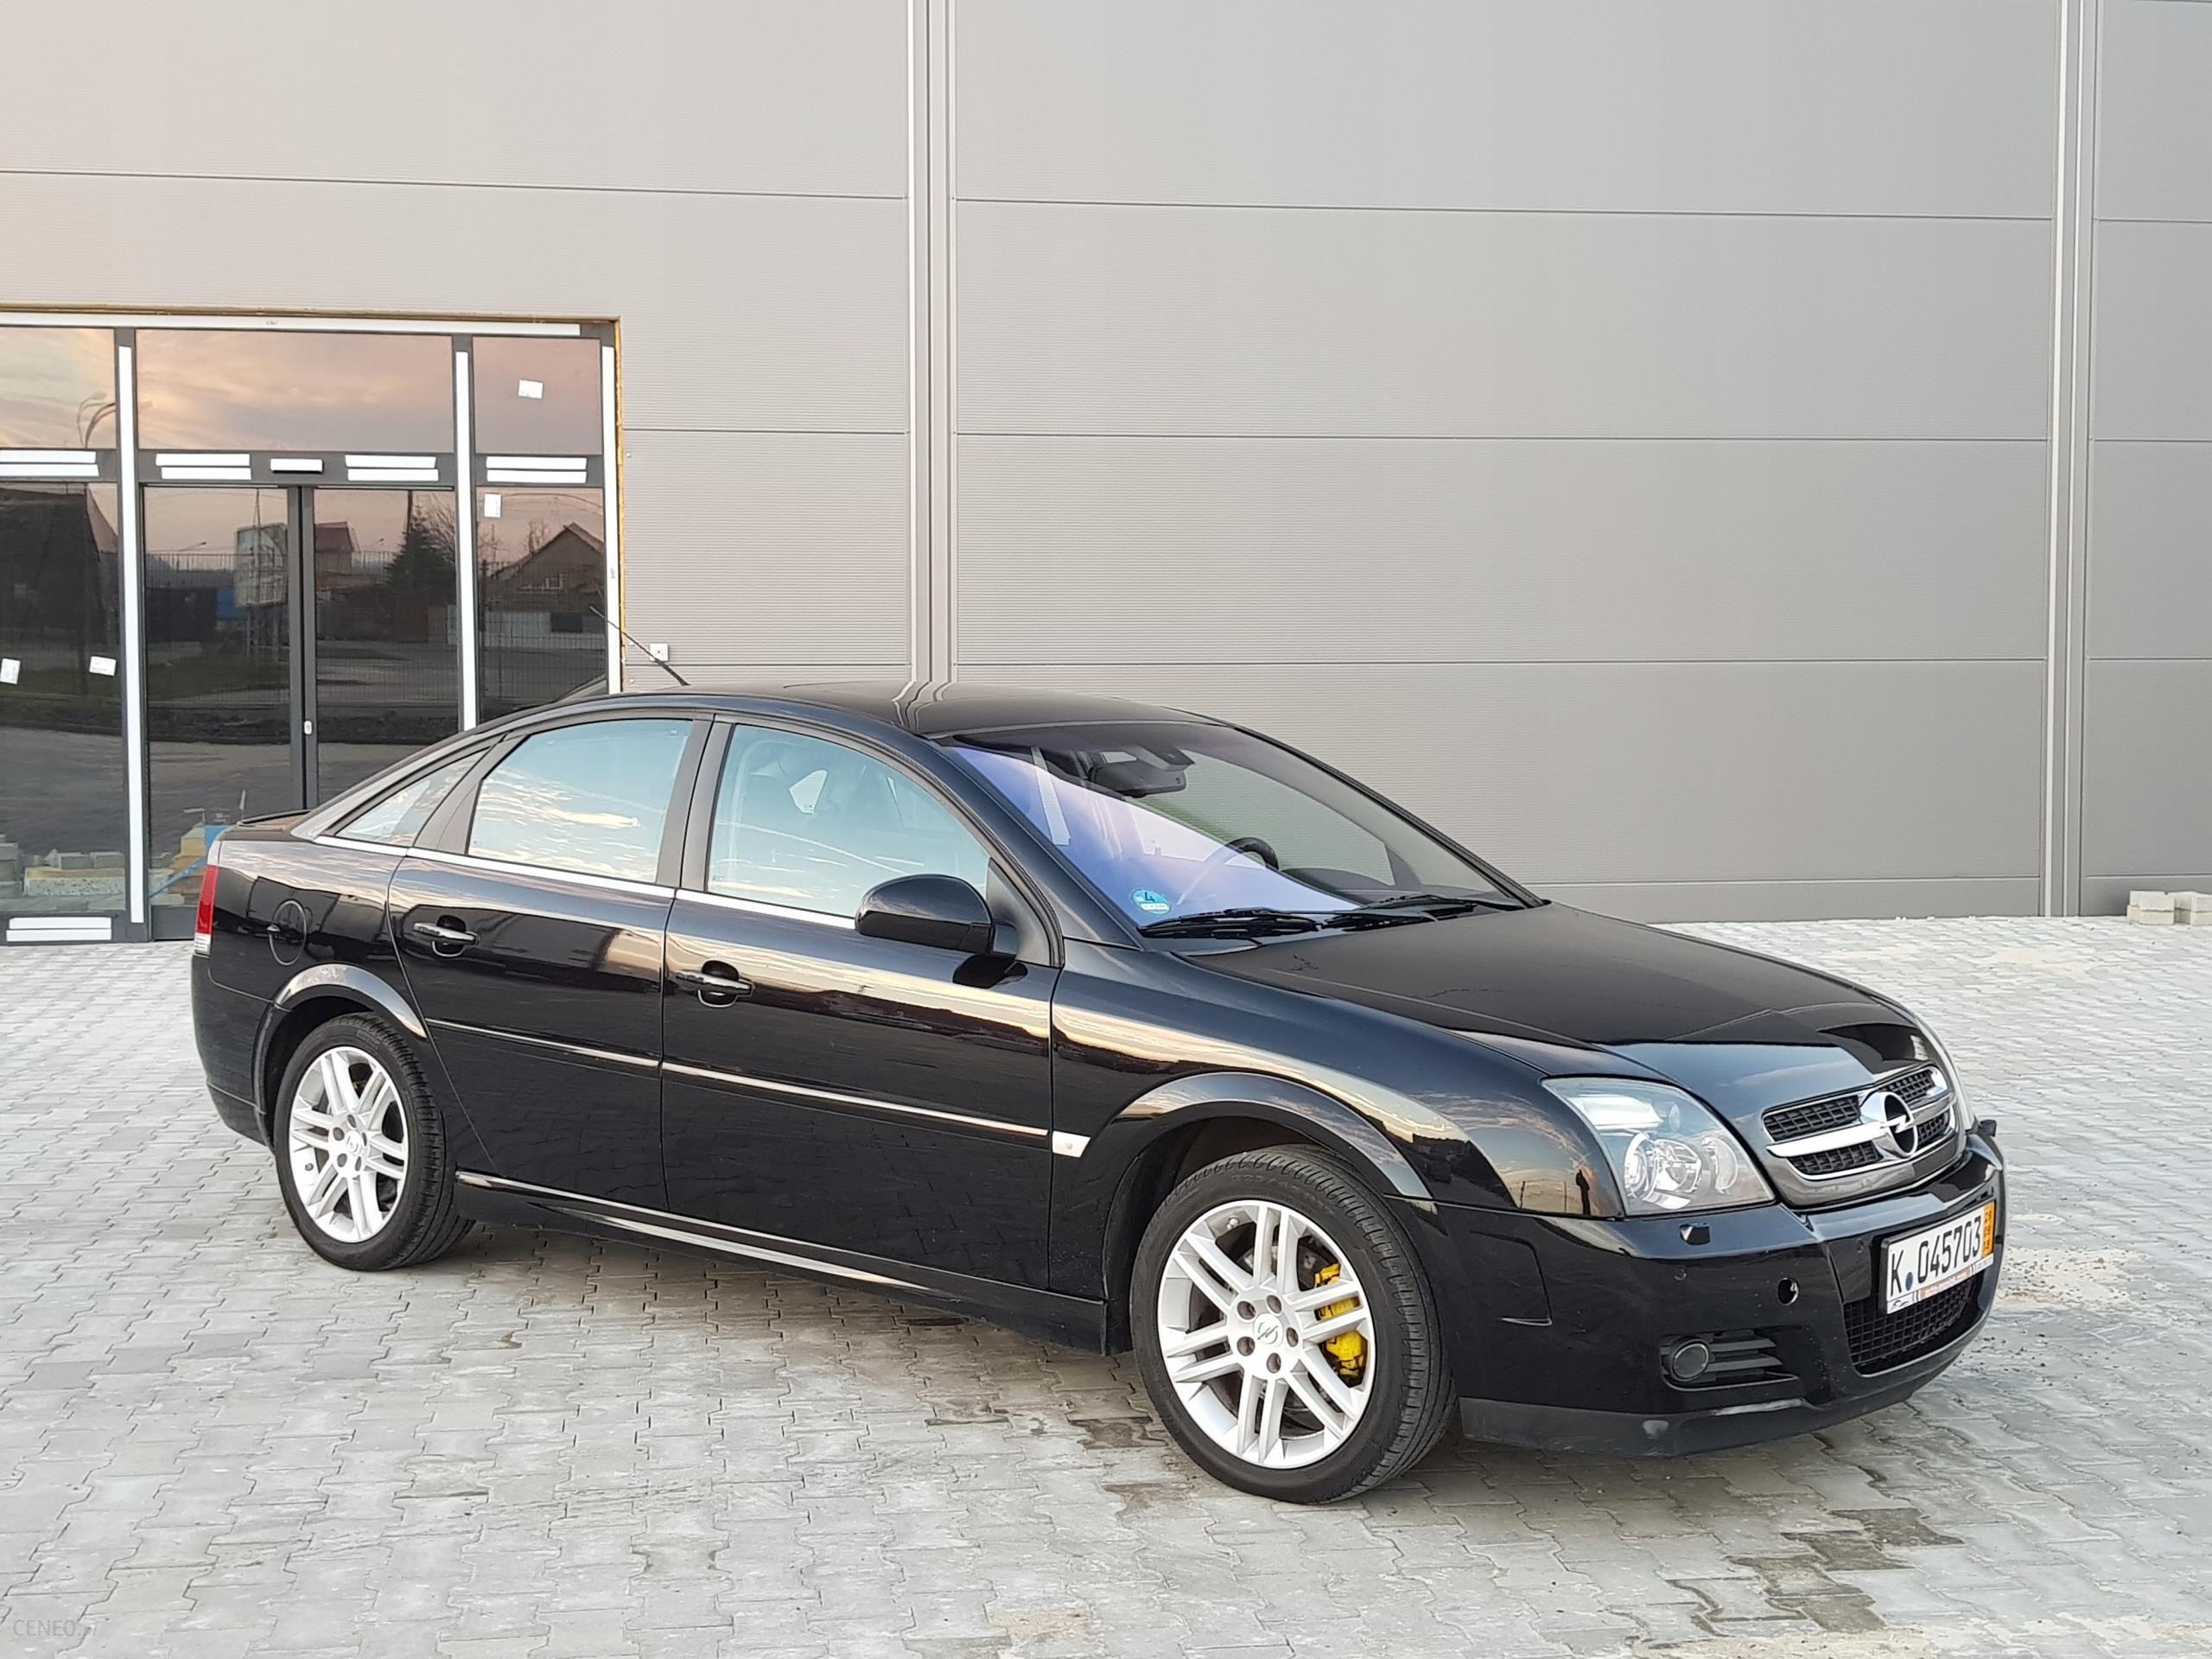 Opel Vectra C Gts 2 0 Turbo Full Xenon Skora Navi Opinie I Ceny Na Ceneo Pl